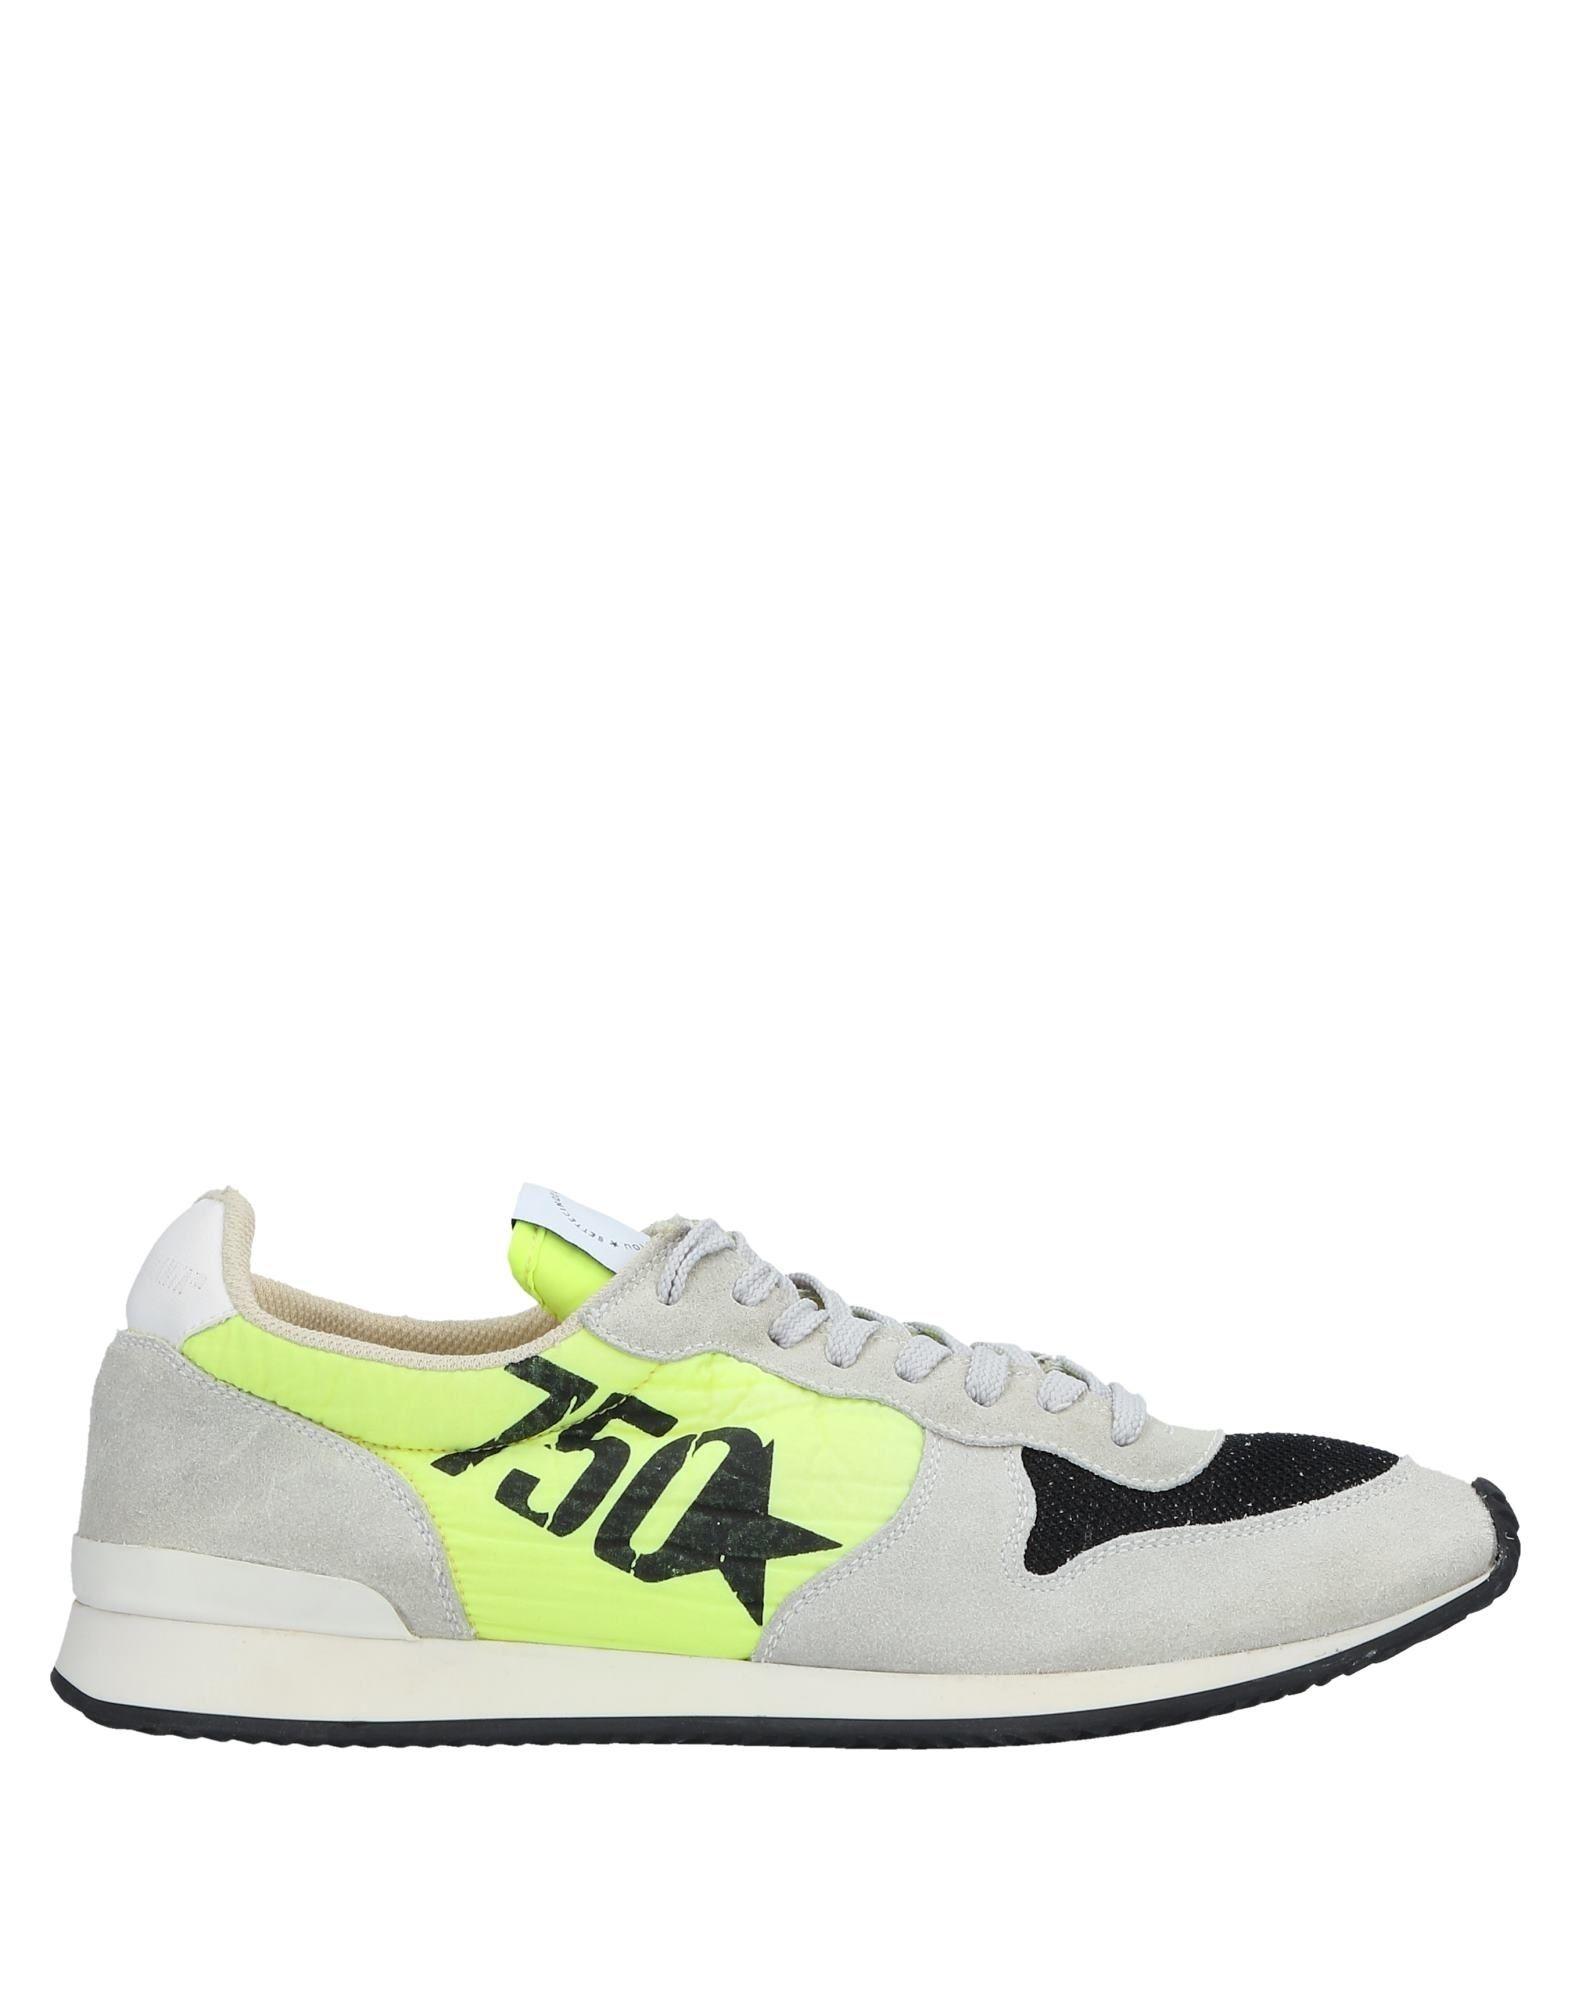 Sneakers G750g Homme - Sneakers G750g  Jaune Spécial temps limité